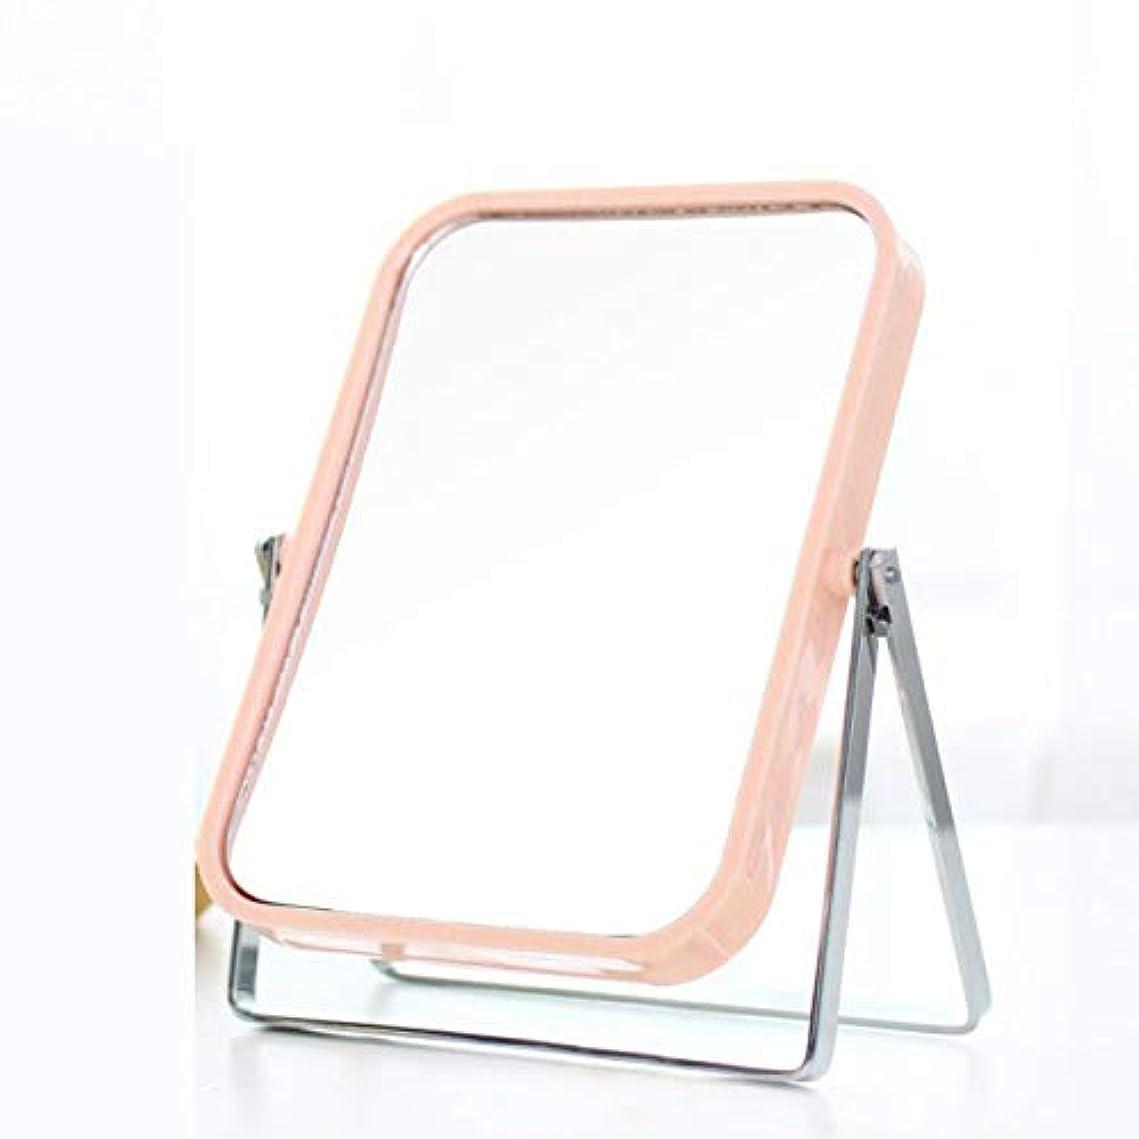 全体にロッカー東部化粧鏡、シンプルな長方形の両面化粧鏡の化粧ギフト (Color : ピンク)